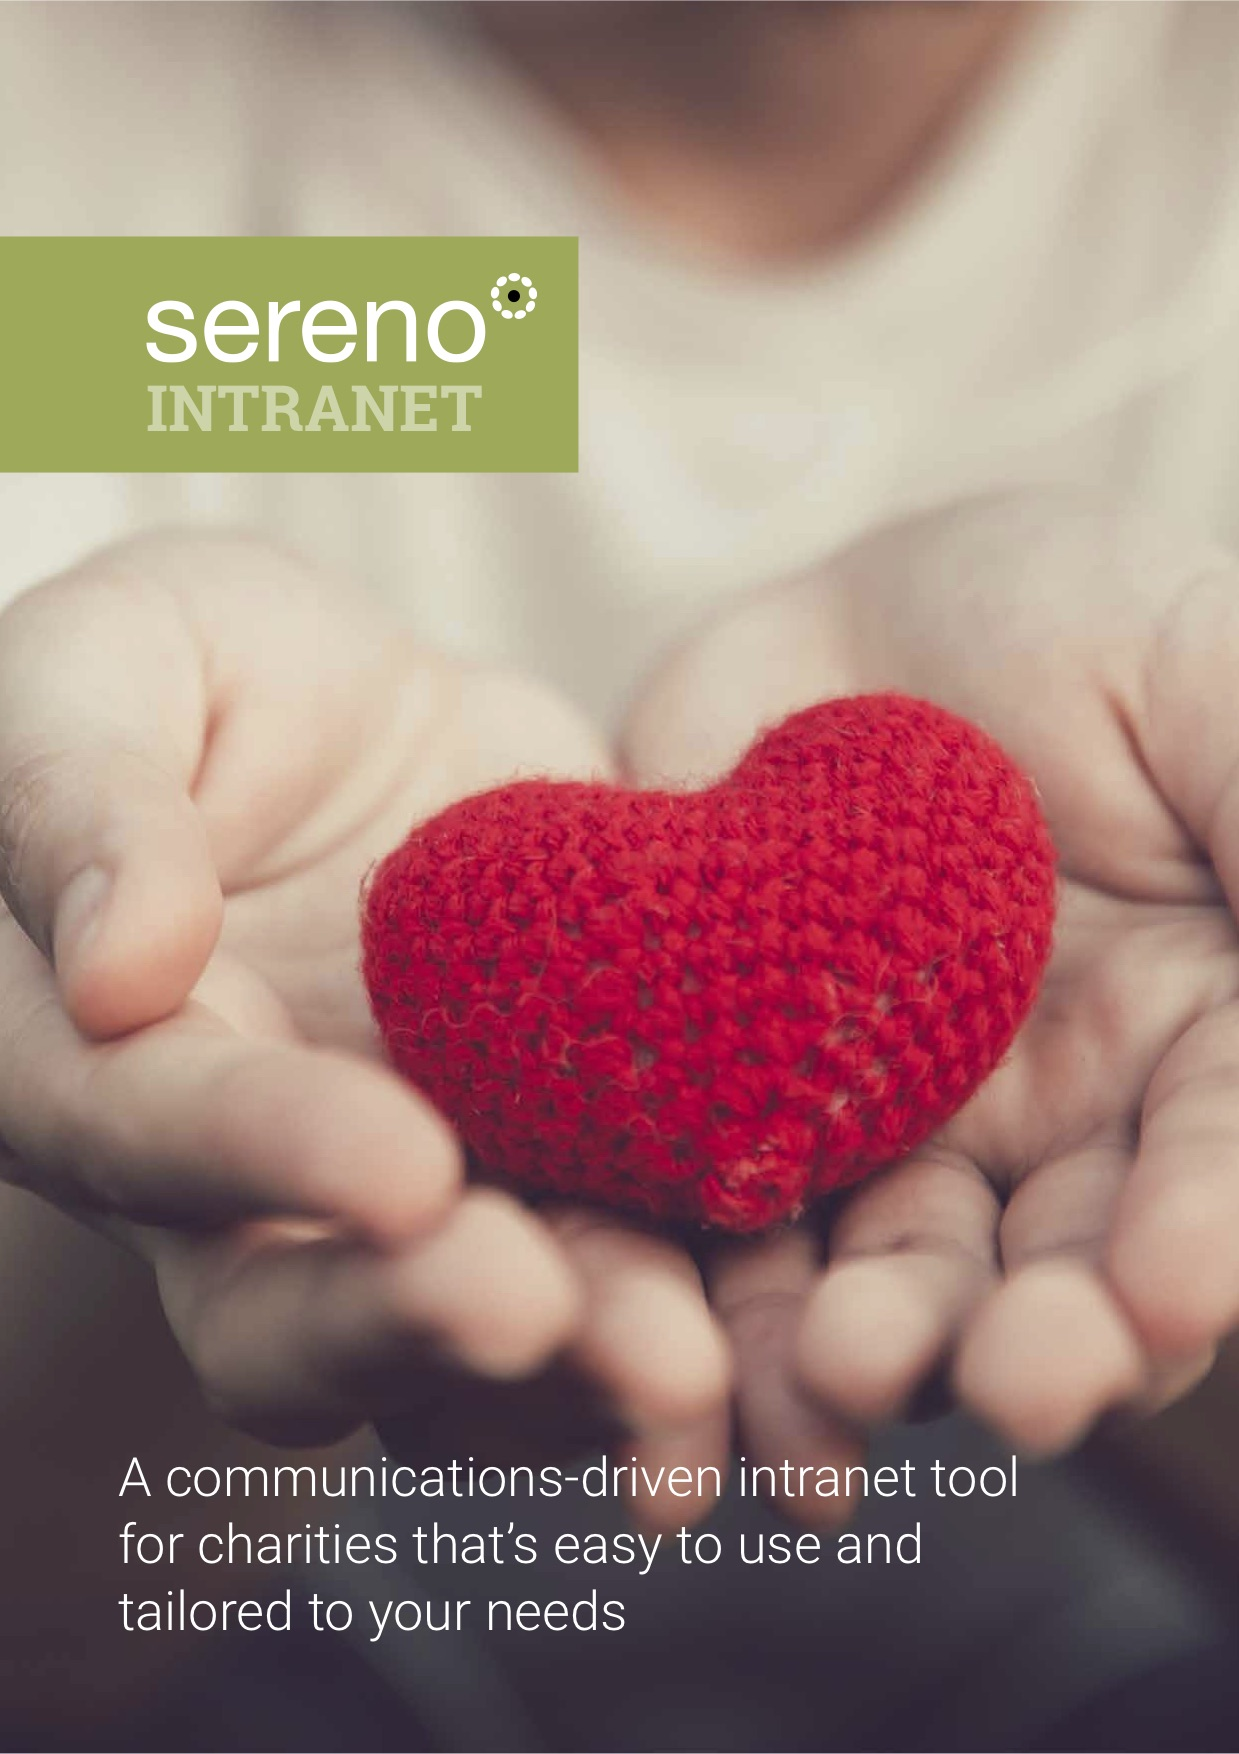 download sereno *intranet brochure